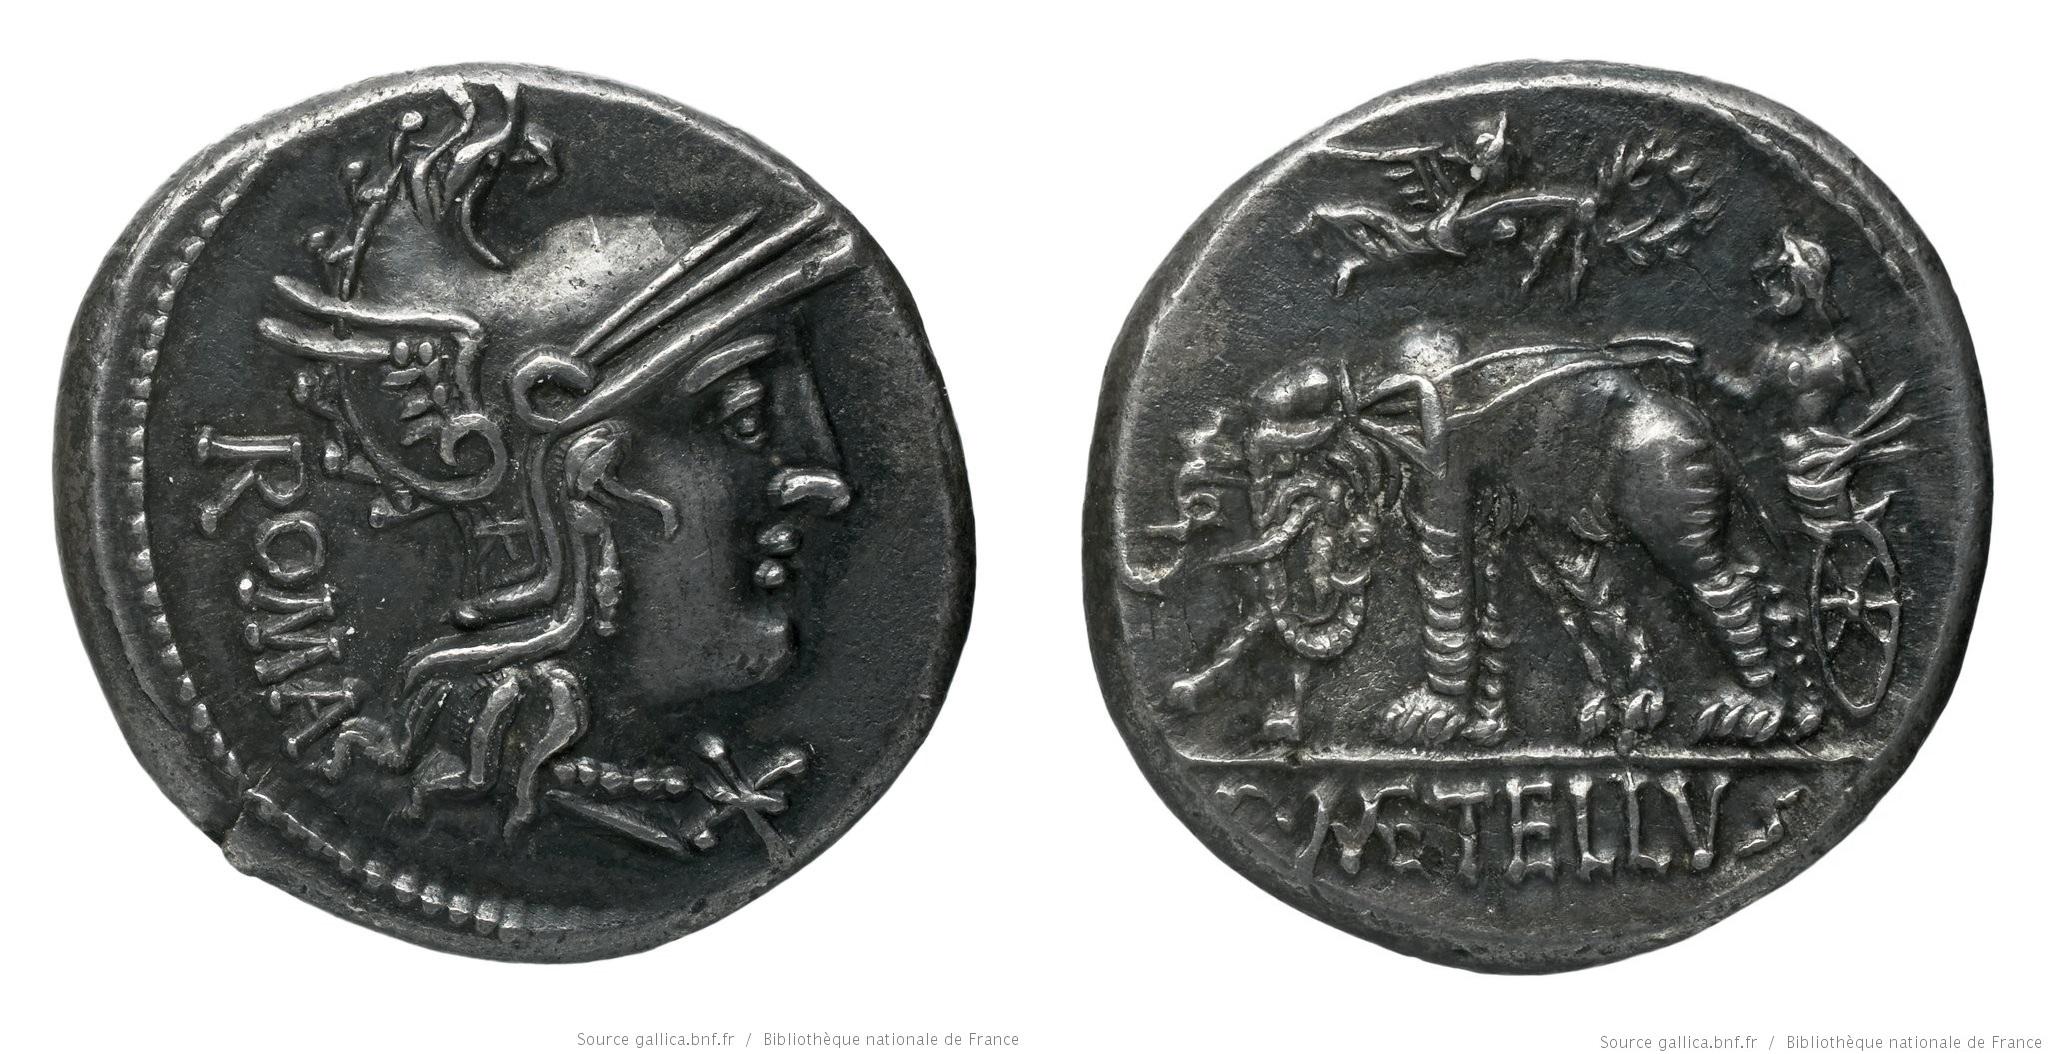 1040CA – Denier Caecilia – Caius Cæcilius Metellus Caprarius